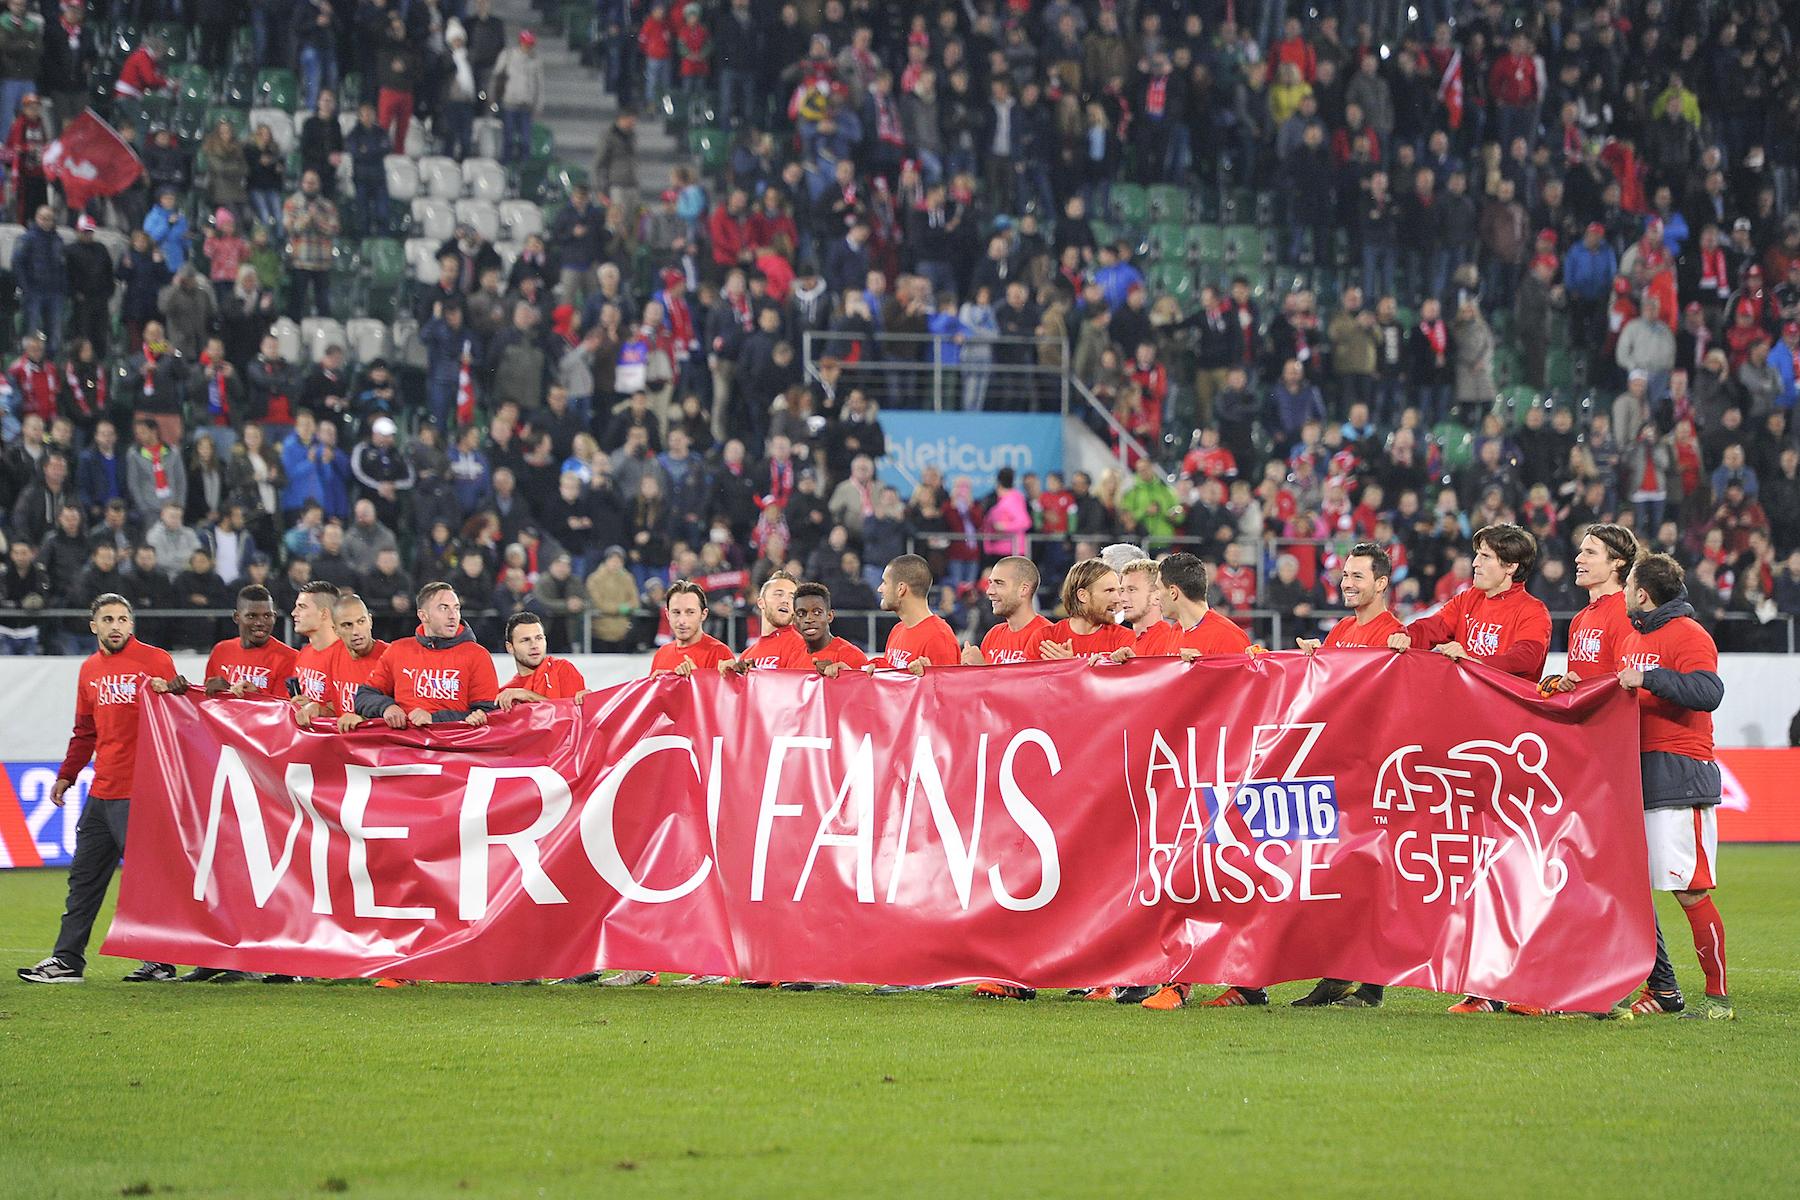 I giocatori svizzeri festeggiano la qualificazione a Euro 2016 e ringraziano con uno striscione i propri tifosi